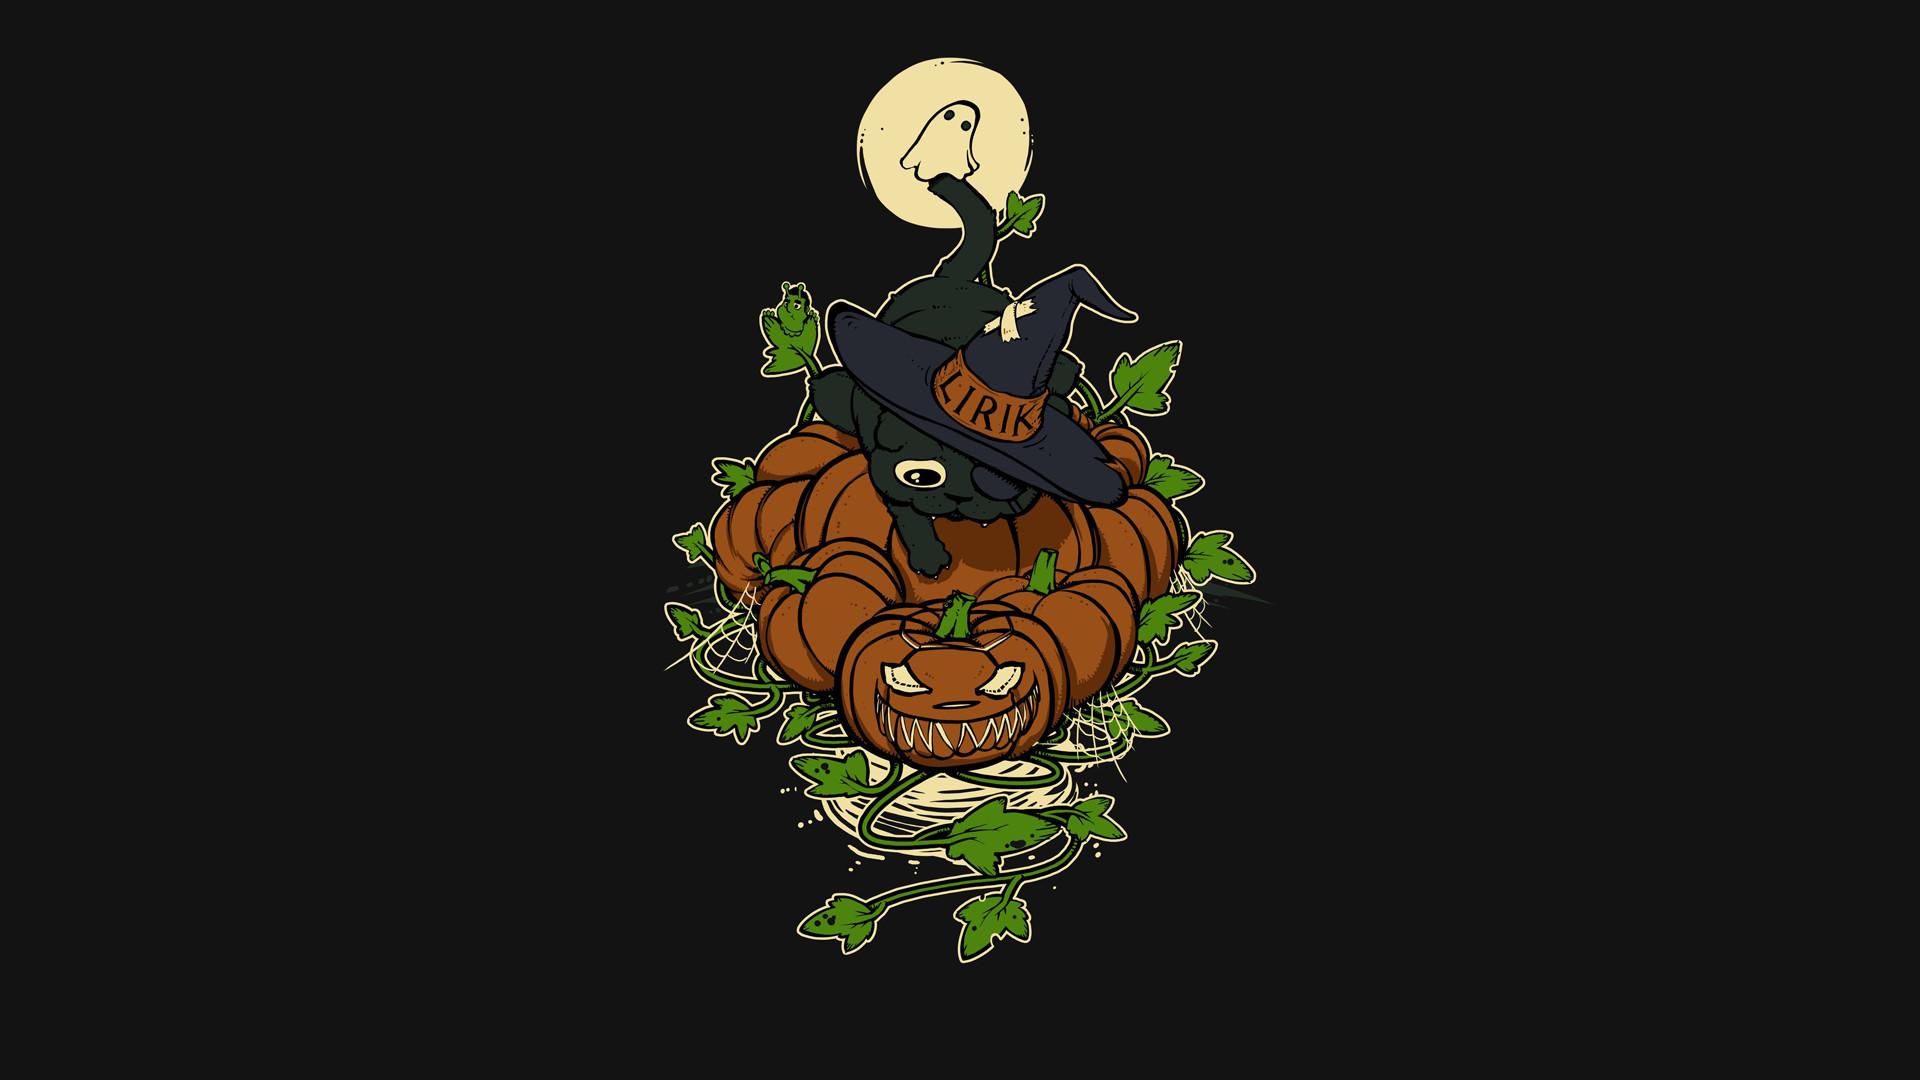 Lirik Halloween Wallpaper …